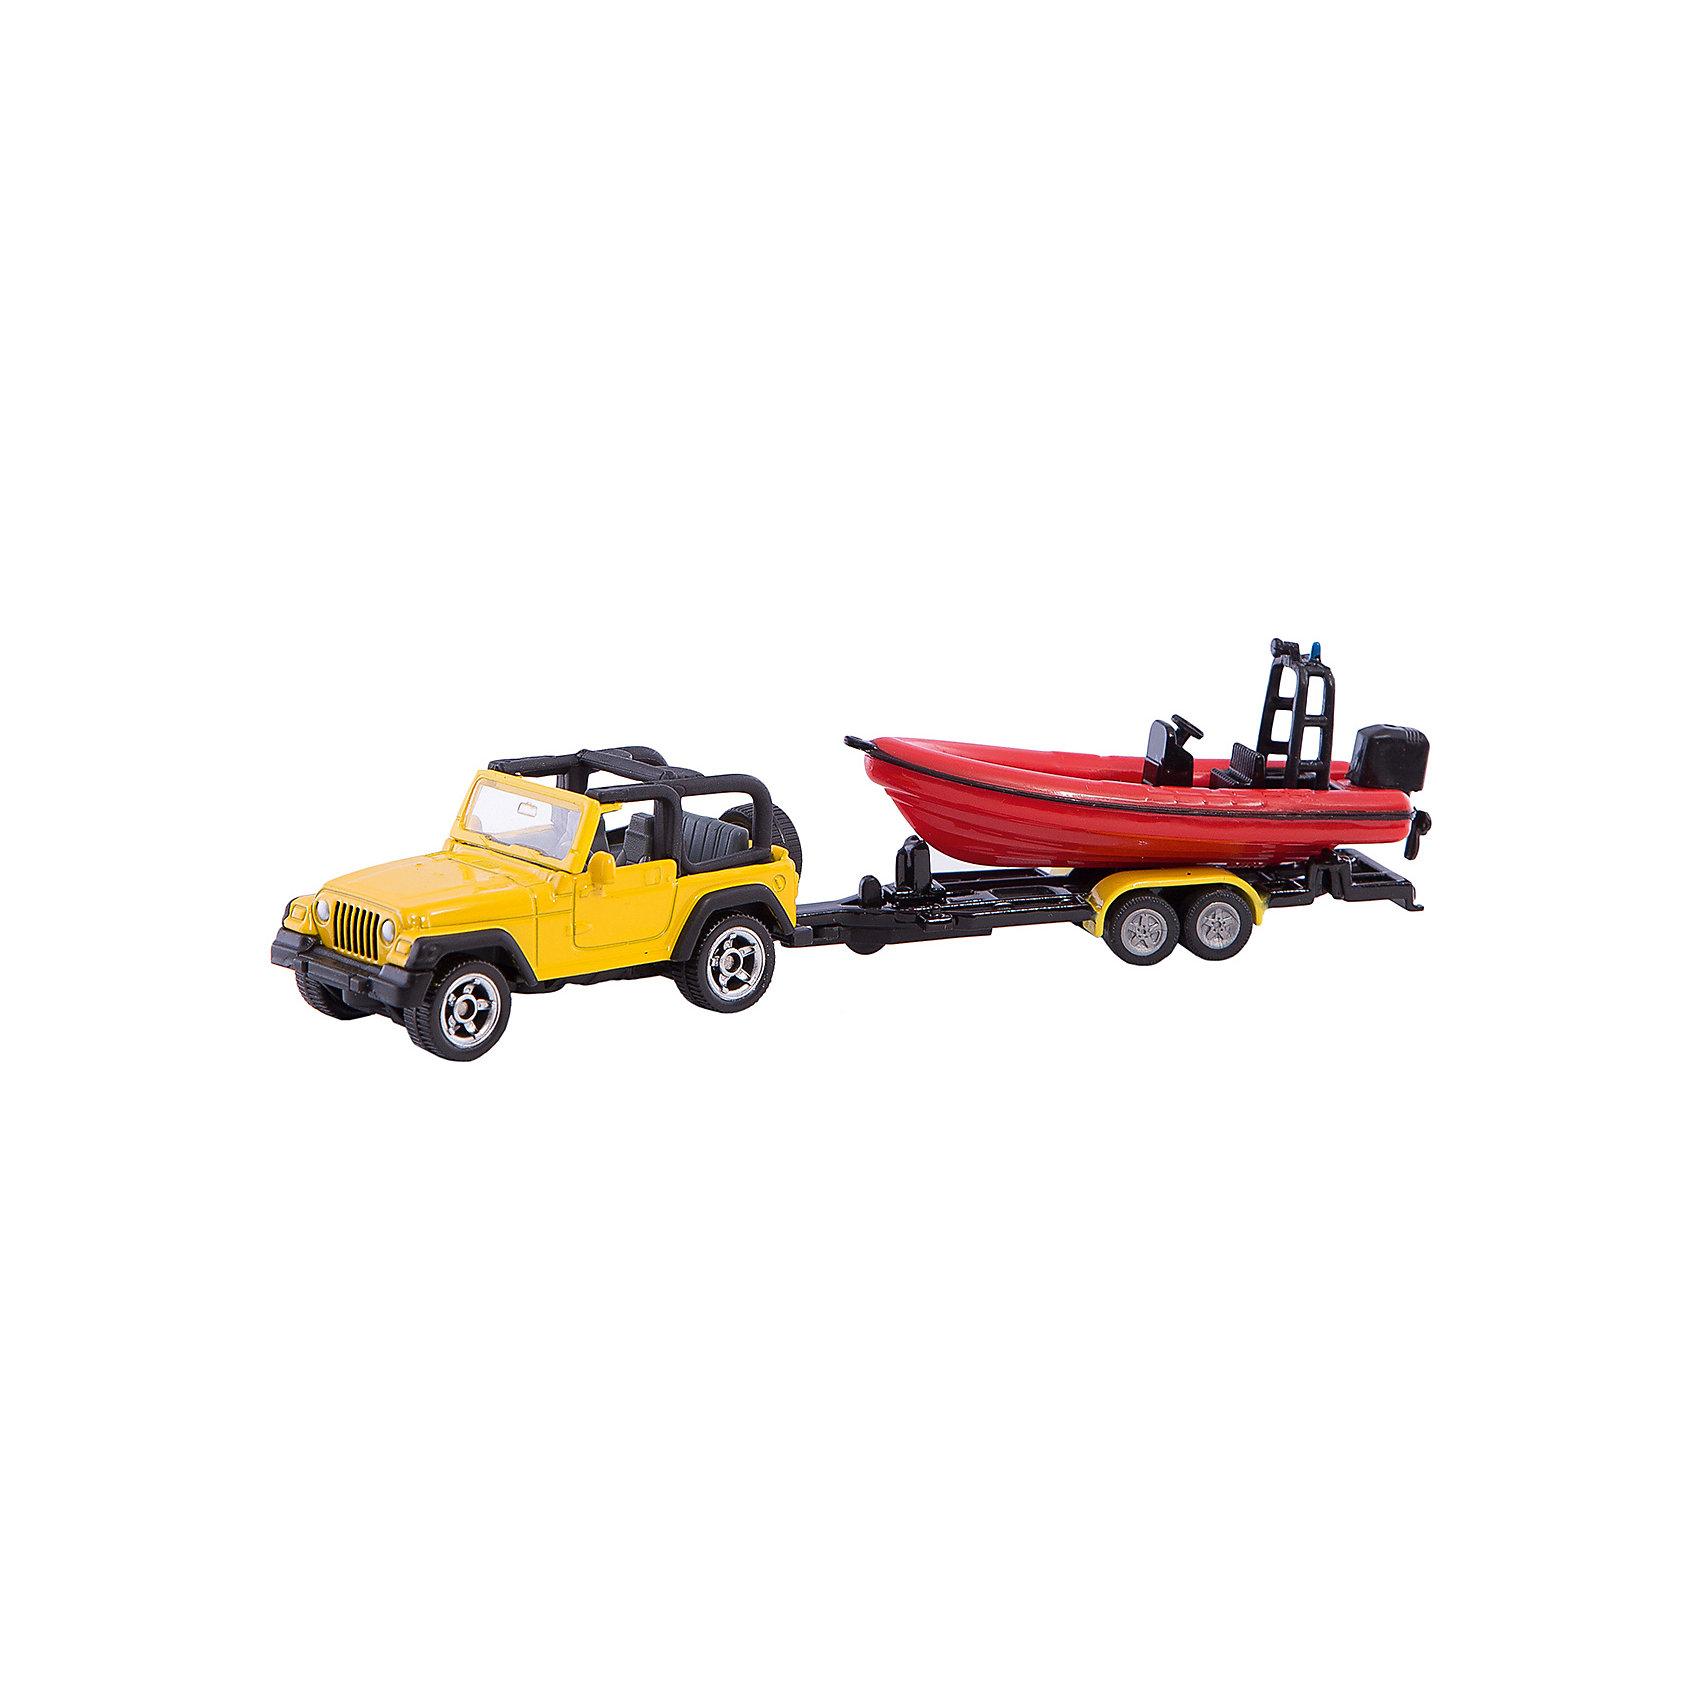 SIKU 1658 Джип с лодкойМашинки<br>Джип с лодкой, Siku, станет прекрасным пополнением коллекции юного любителя автотехники. Модель представляет из себя реалистичную копию настоящего мощного внедорожника Jeep Wrangler в комплекте с красной моторной лодкой. Машинка отличается высокой степенью детализации и тщательной проработкой всех элементов. Джип с открытым верхом оснащен прозрачным лобовым стеклом, в салоне размещены сиденья и руль, имеются передние и задние фары и запасное колесо. Большие вращающиеся колеса обеспечивают высокую проходимость по любой поверхности. В комплект также входит съемный прицеп с лодкой, оснащенной мотором. Модели джипа и лодки с прицепом могут использоваться отдельно. Корпус машинки выполнен из металла, детали изготовлены из ударопрочной пластмассы.<br><br>Дополнительная информация:<br><br>- Материал: металл, пластик.<br>- Размер джипа с прицепом: 19,6 x 7,8 x 4 см.<br>- Размер упаковки: 20 х 8 х 4 см.<br>- Вес с упаковкой: 0,2 кг.<br><br>1658 Джип с лодкой, Siku, можно купить в нашем интернет-магазине.<br><br>Ширина мм: 197<br>Глубина мм: 78<br>Высота мм: 36<br>Вес г: 77<br>Возраст от месяцев: 36<br>Возраст до месяцев: 96<br>Пол: Мужской<br>Возраст: Детский<br>SKU: 2257974